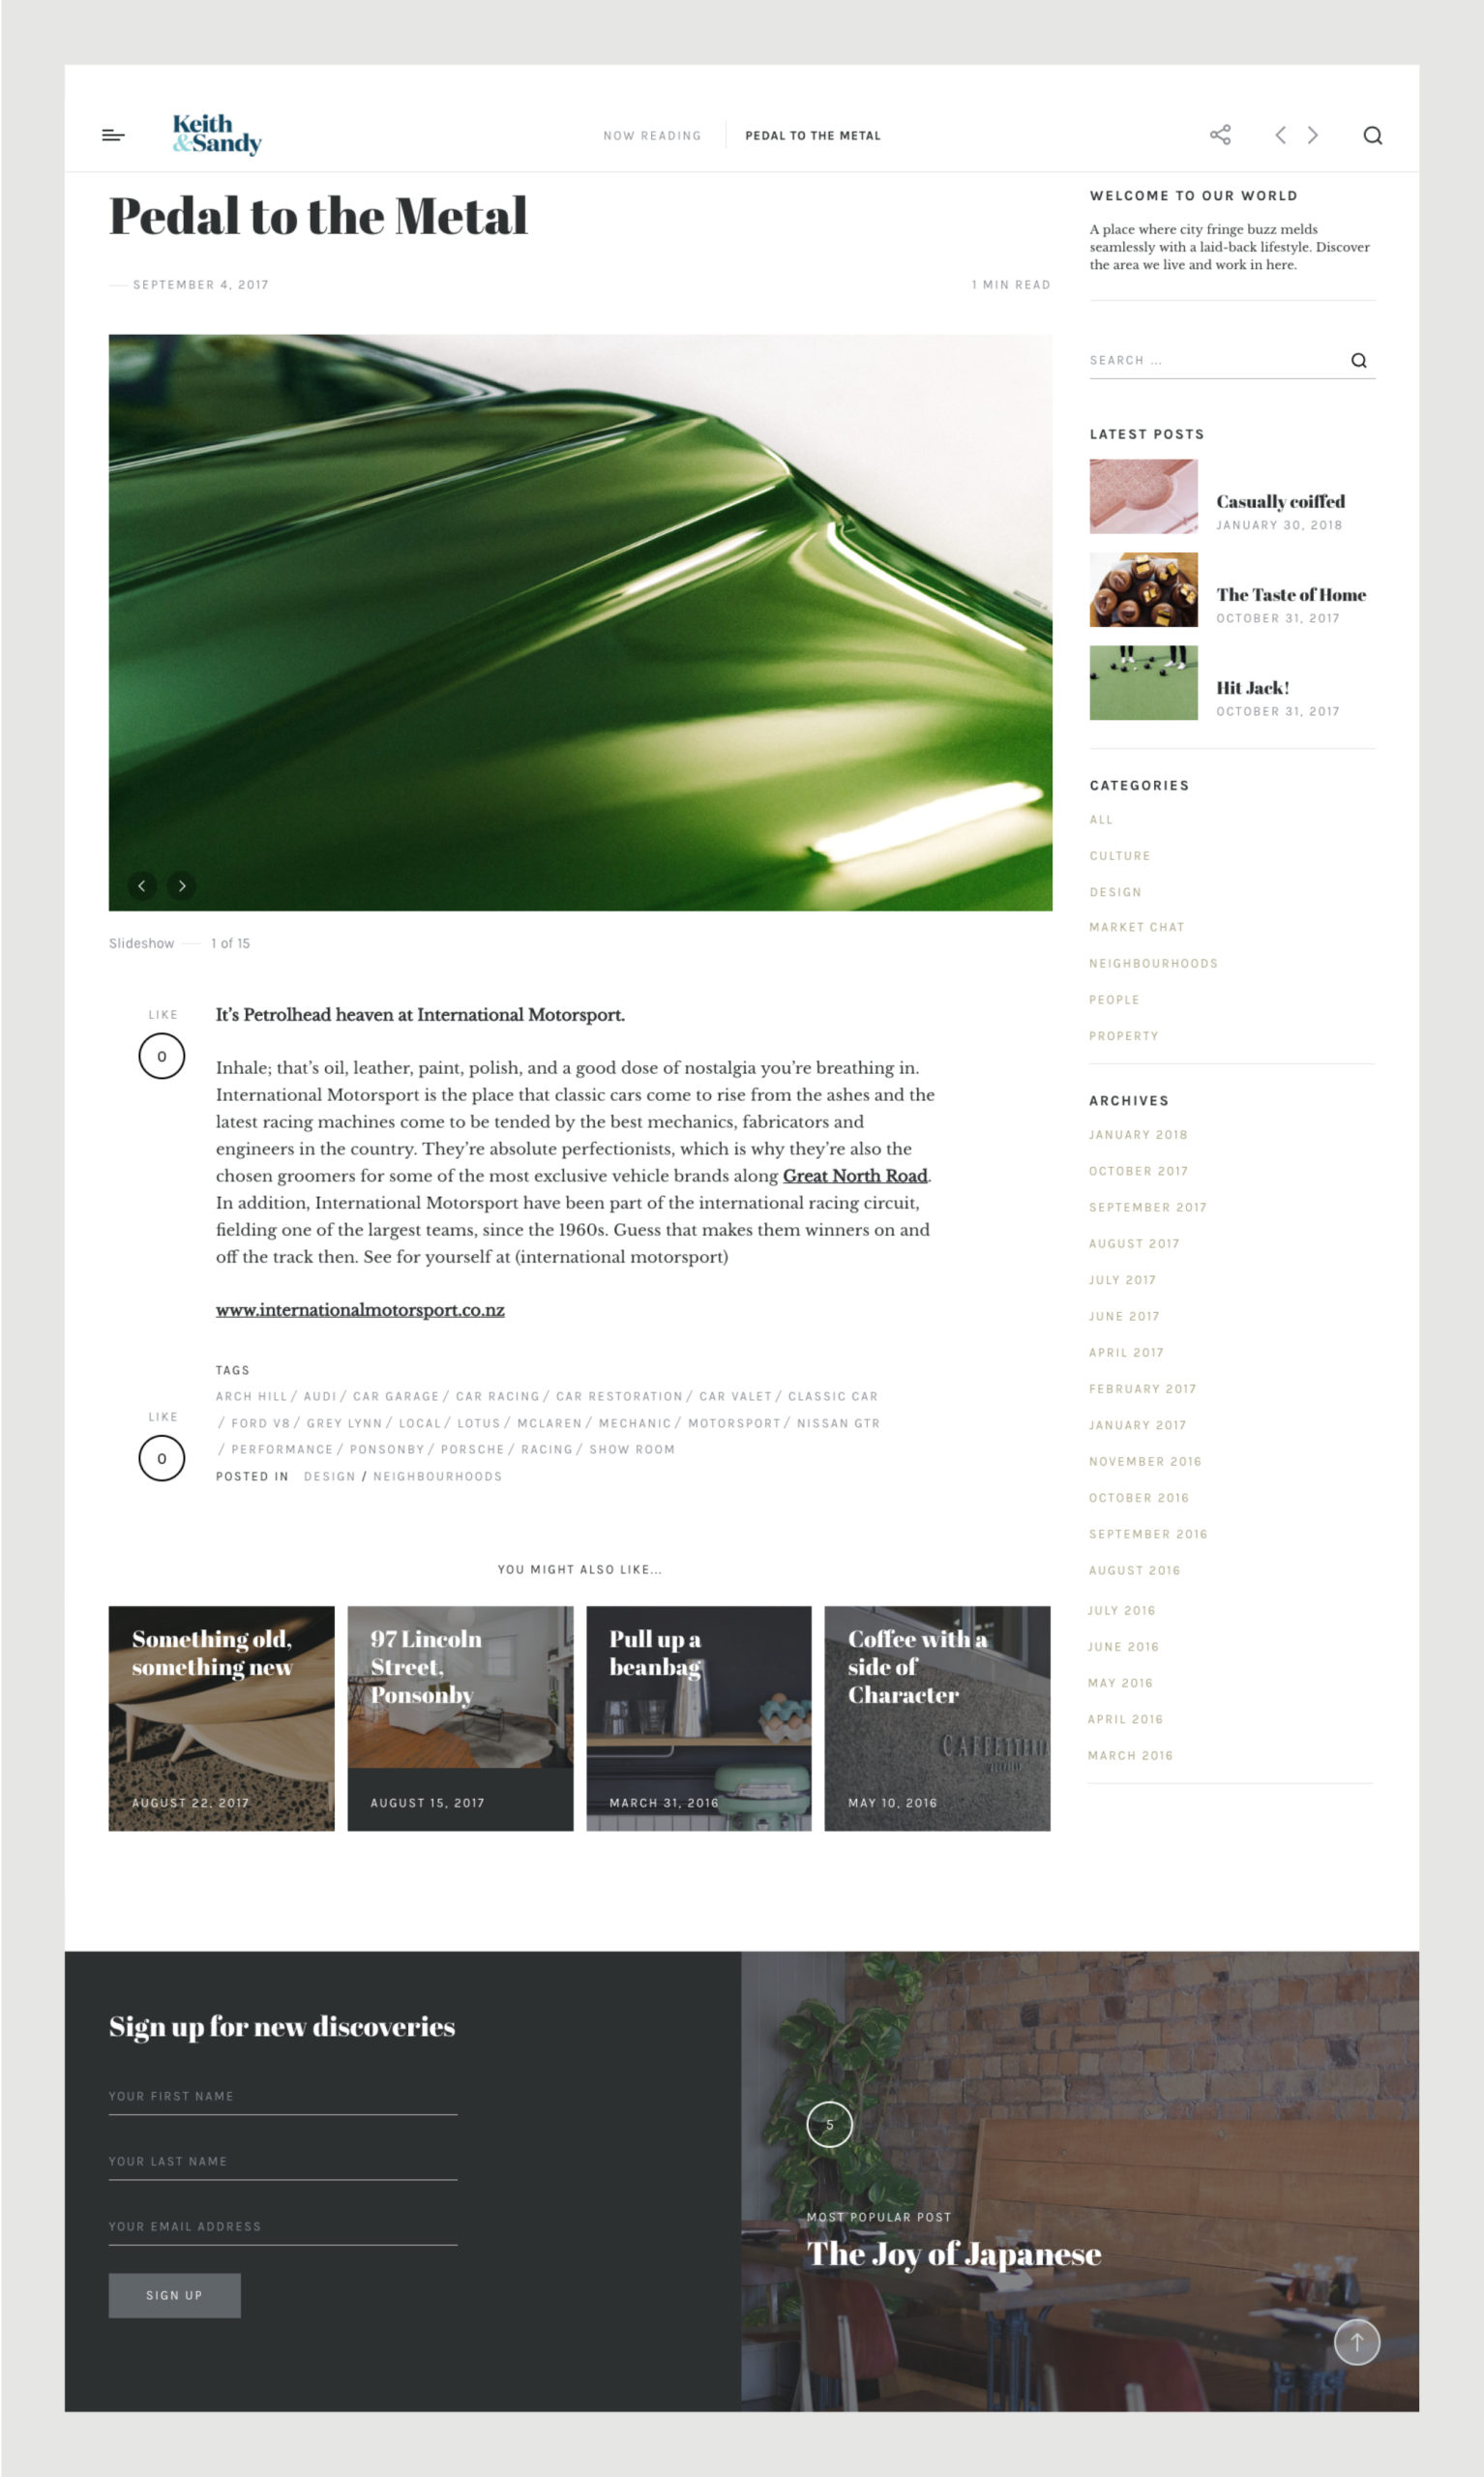 Website blog featuring emerald green close up of car bonnet